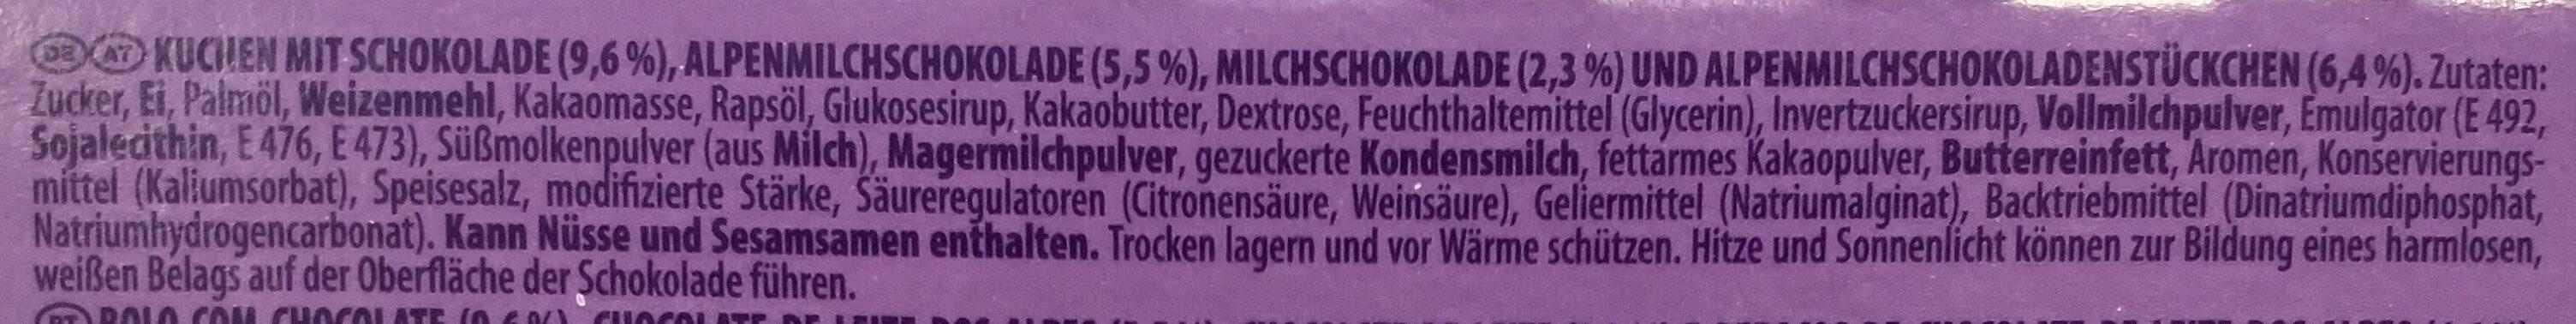 Choco brownie - Ingrédients - de